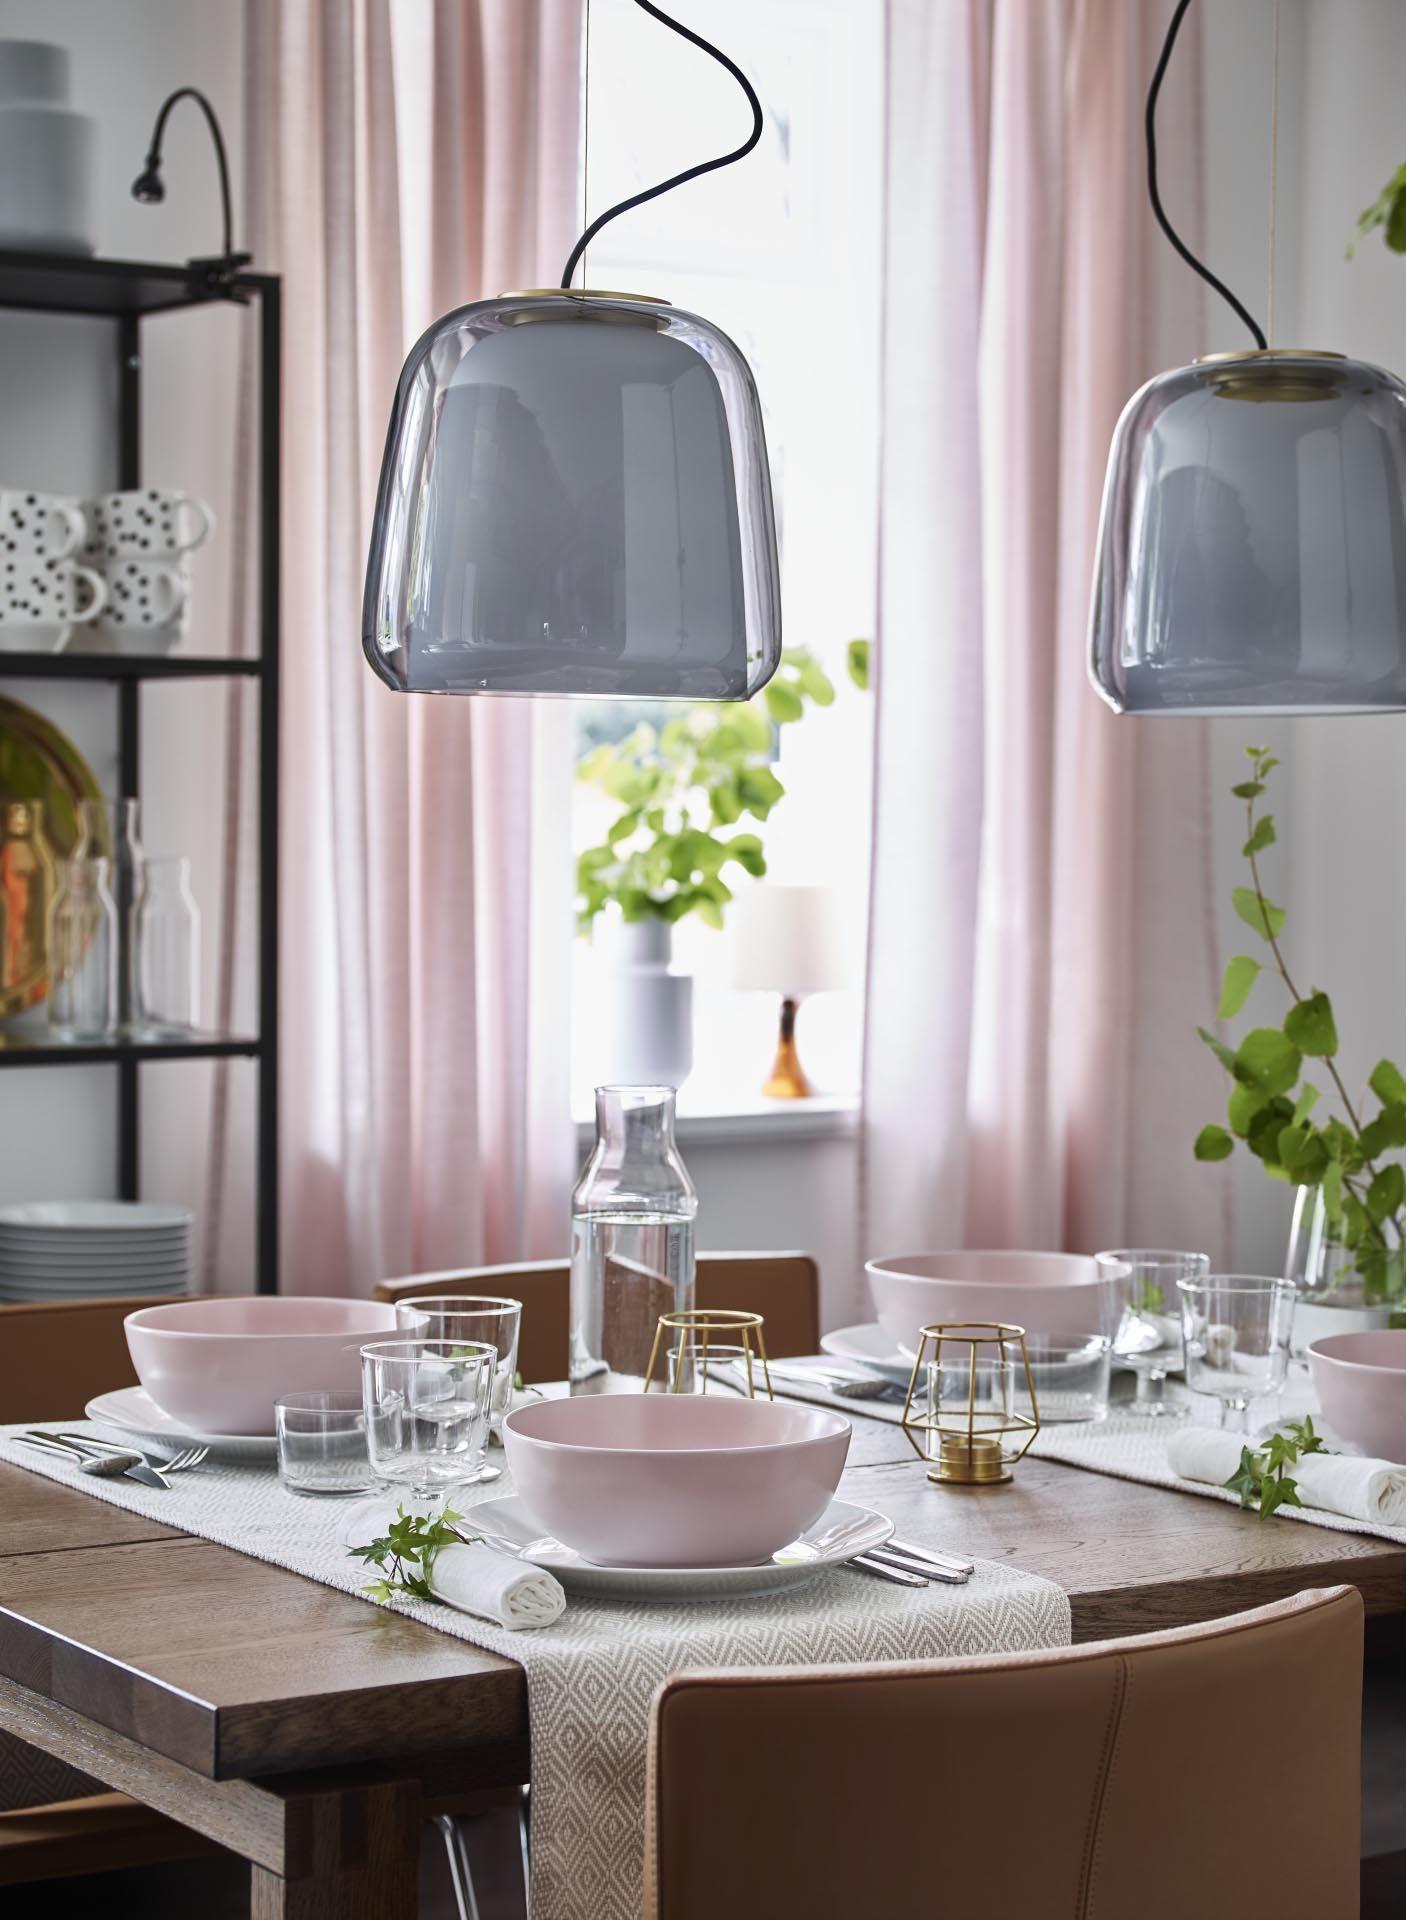 Evedal Hanglamp Grijs Ikea Hanglamp Ikea Ikea Inspiratie